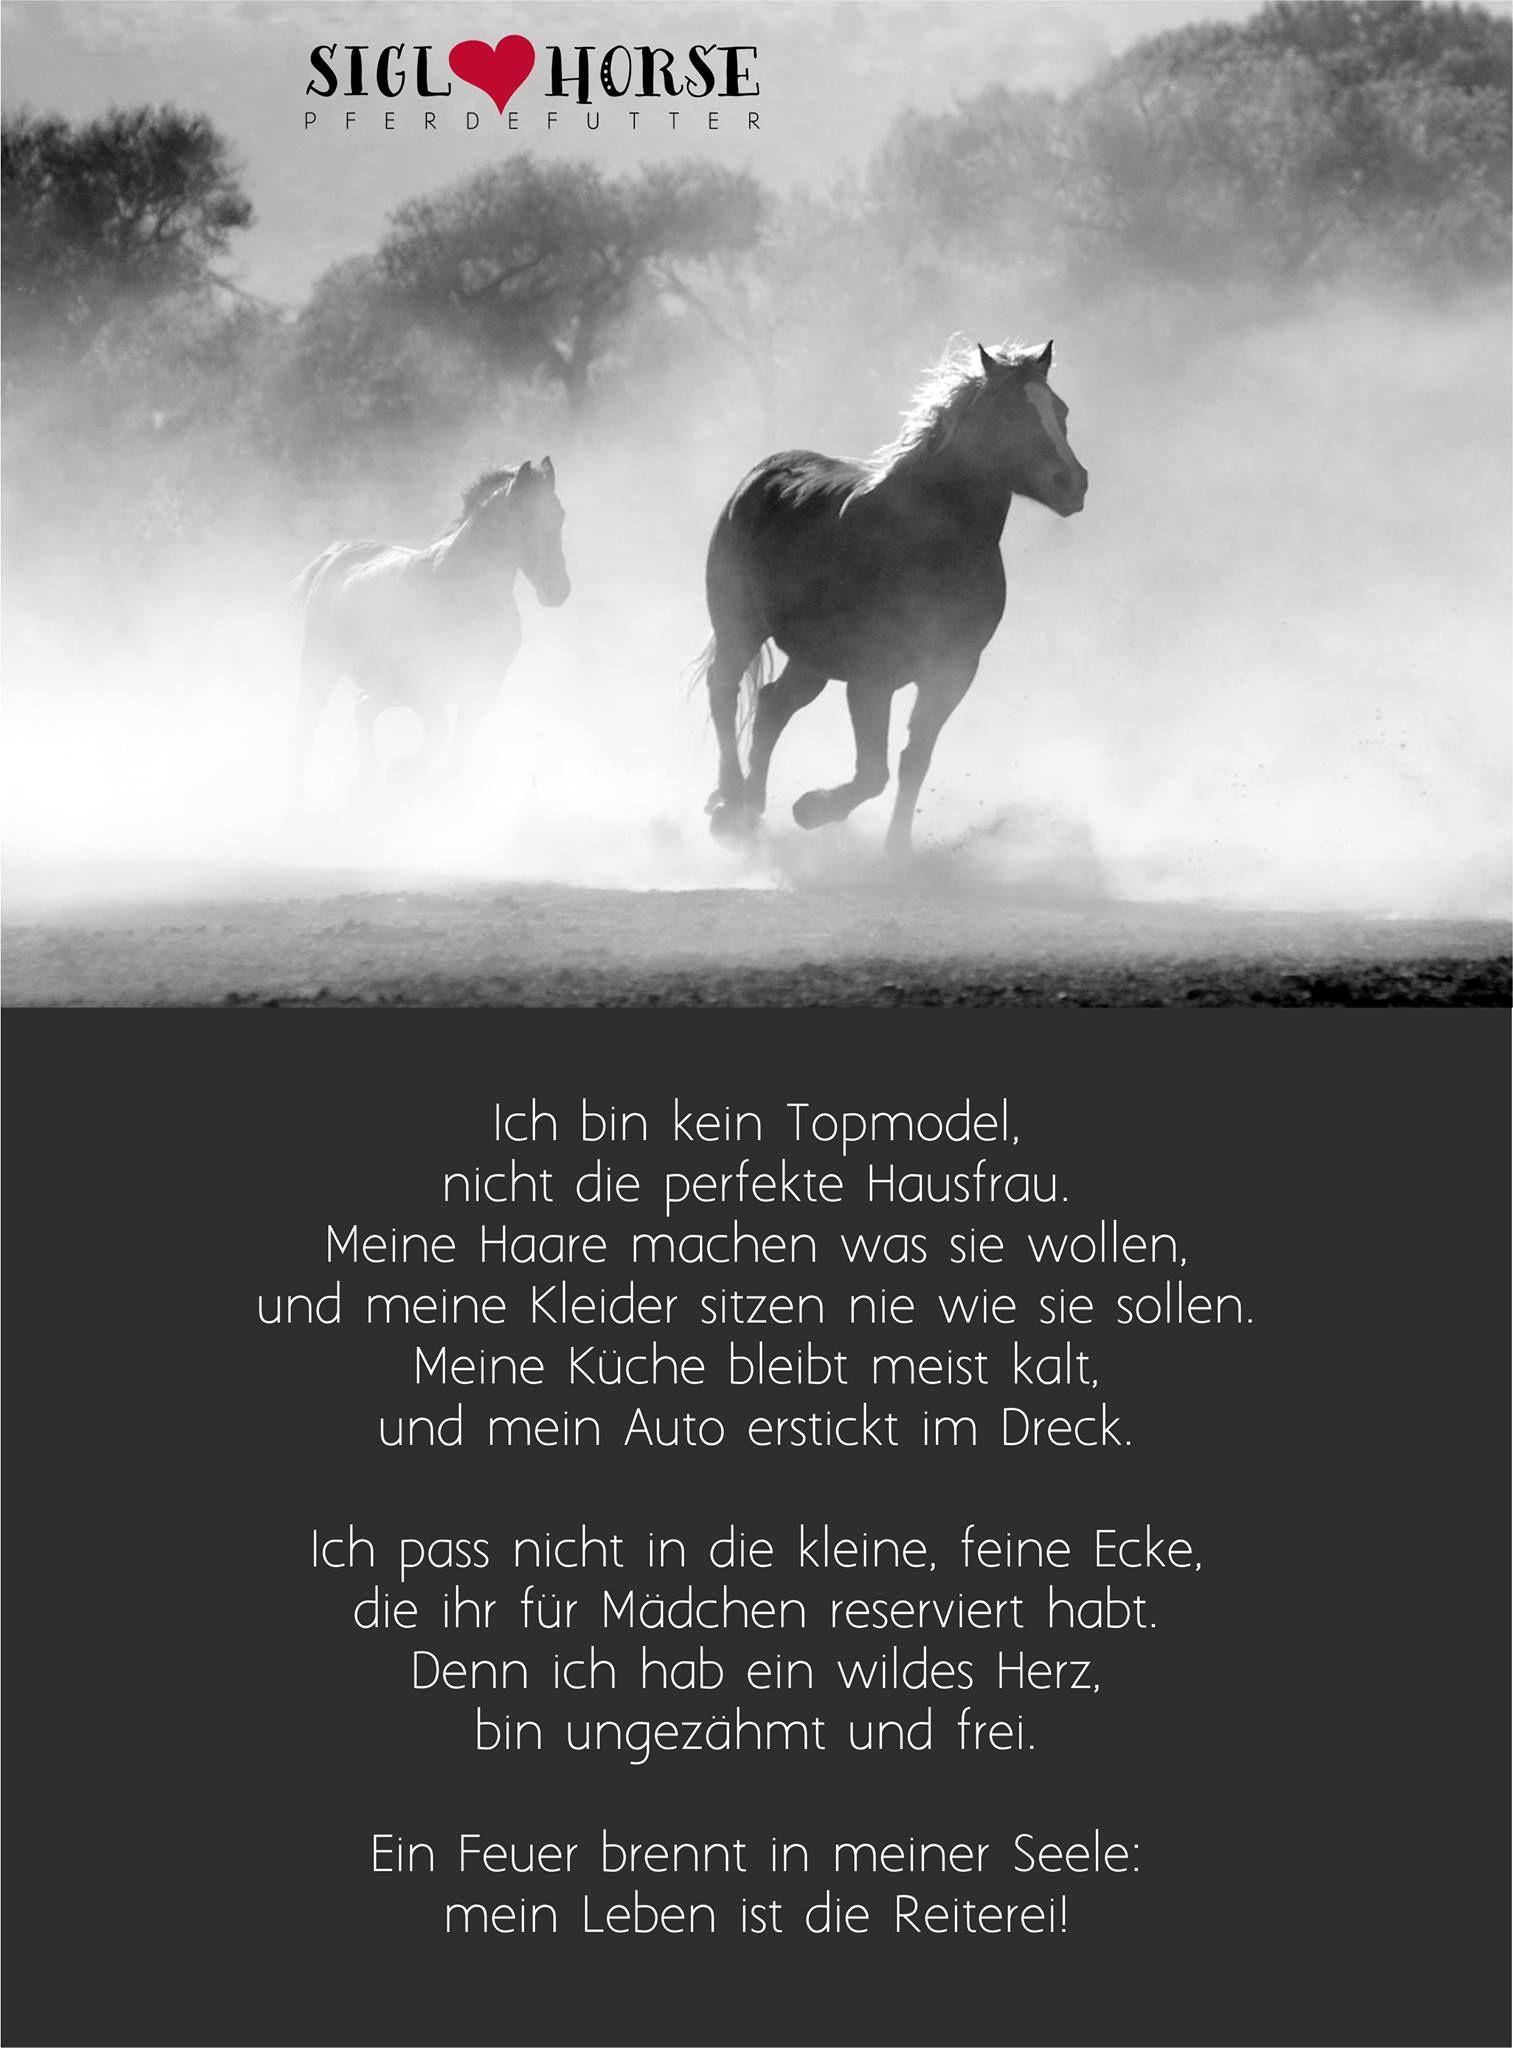 Ein Feuer Brennt In Meiner Seele Mein Leben Ist Die Reiterei Pferdemadchen Pferde Zitate Pferde Madchen Zitate Fur Reiter